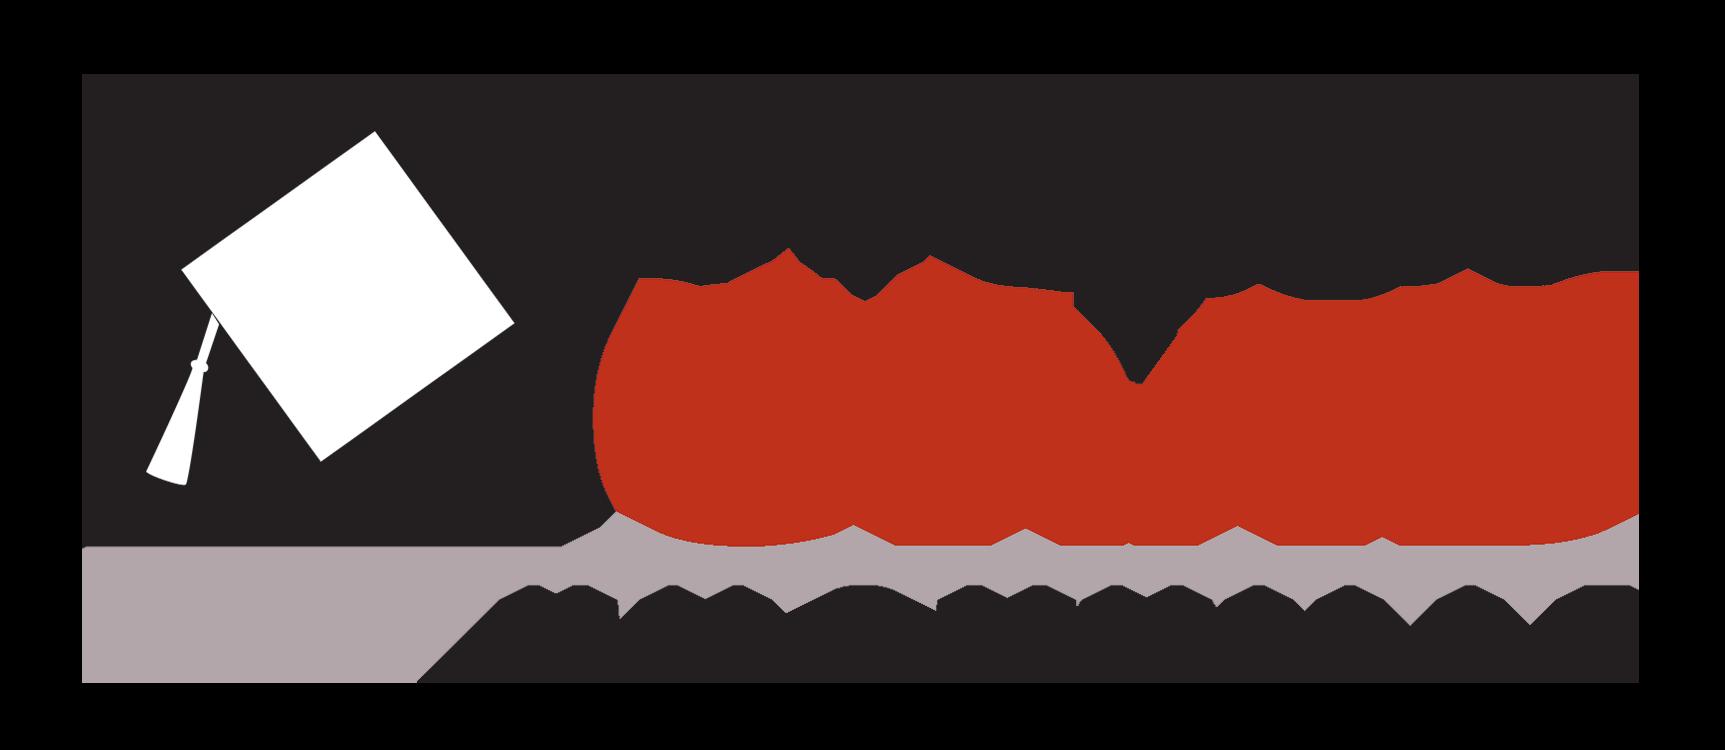 project grad logo_1522167727754.png.jpg